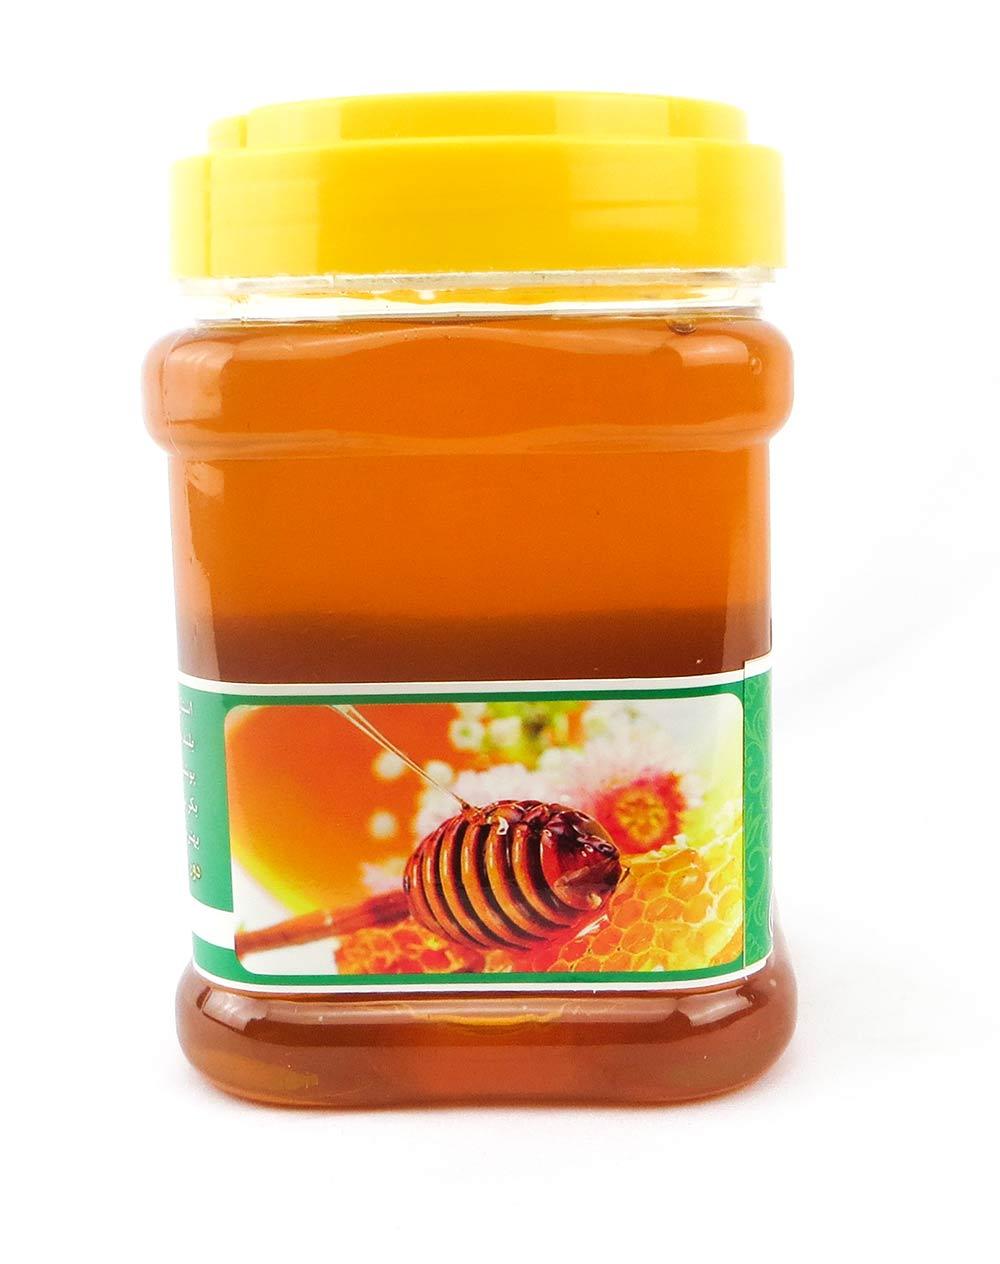 عسل طبیعی کردستان منطقه اورامان 500 گرم ظرف پلاستیکی